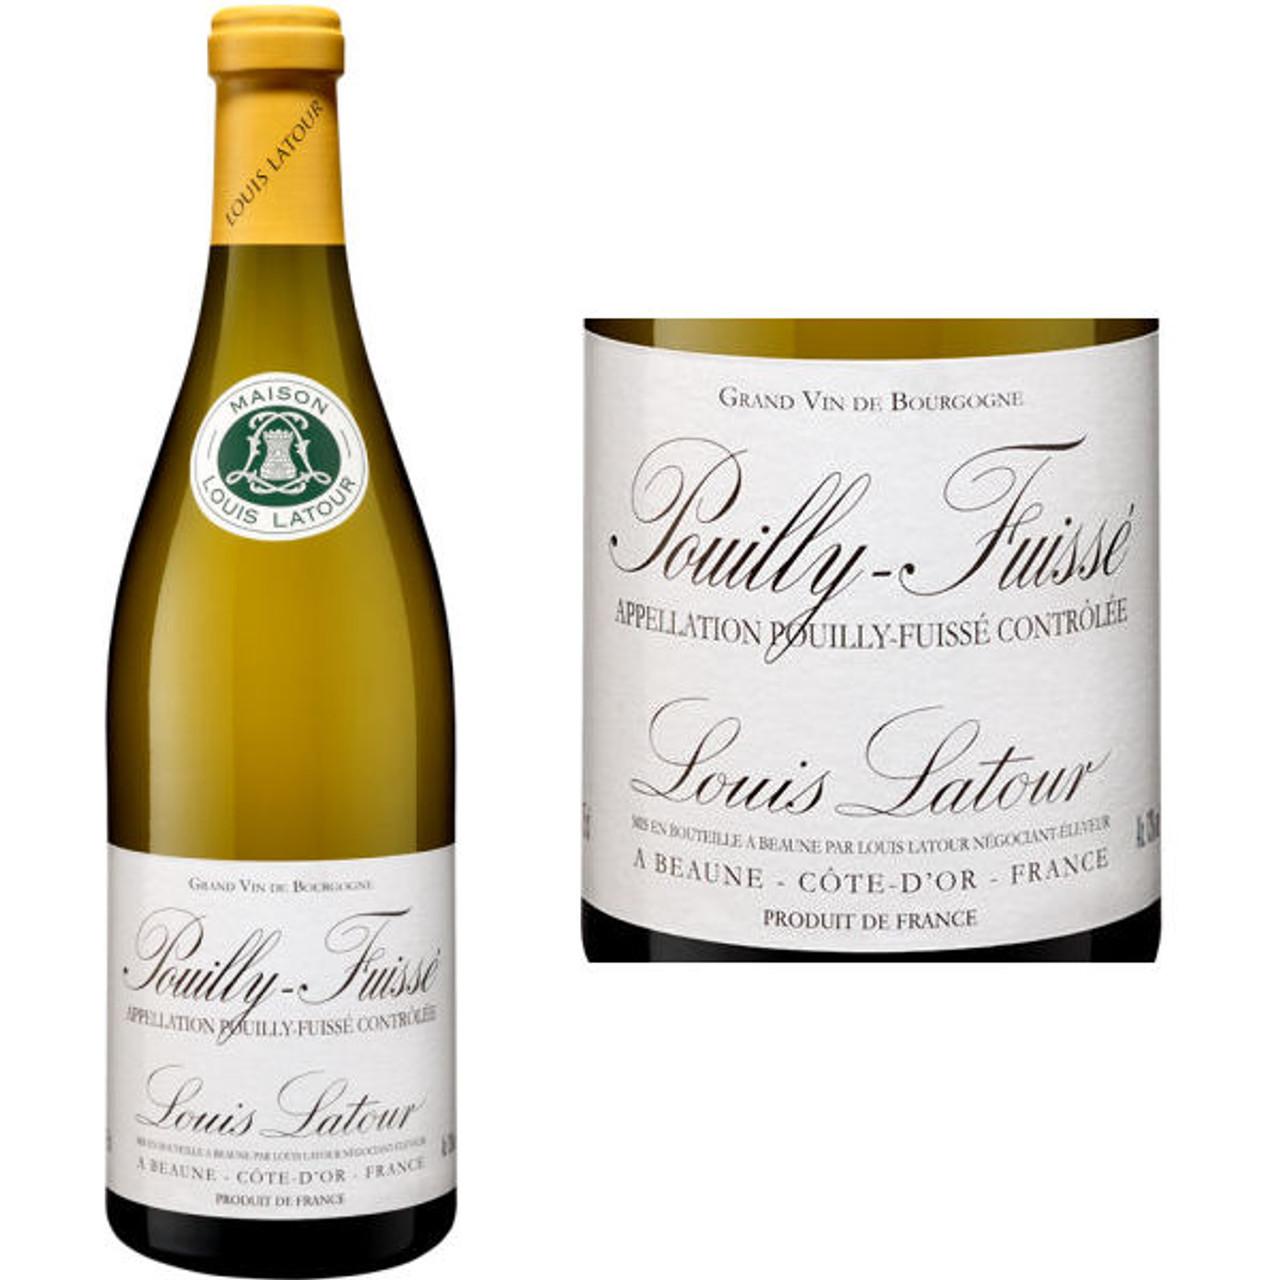 Louis Latour Pouilly-Fuisse